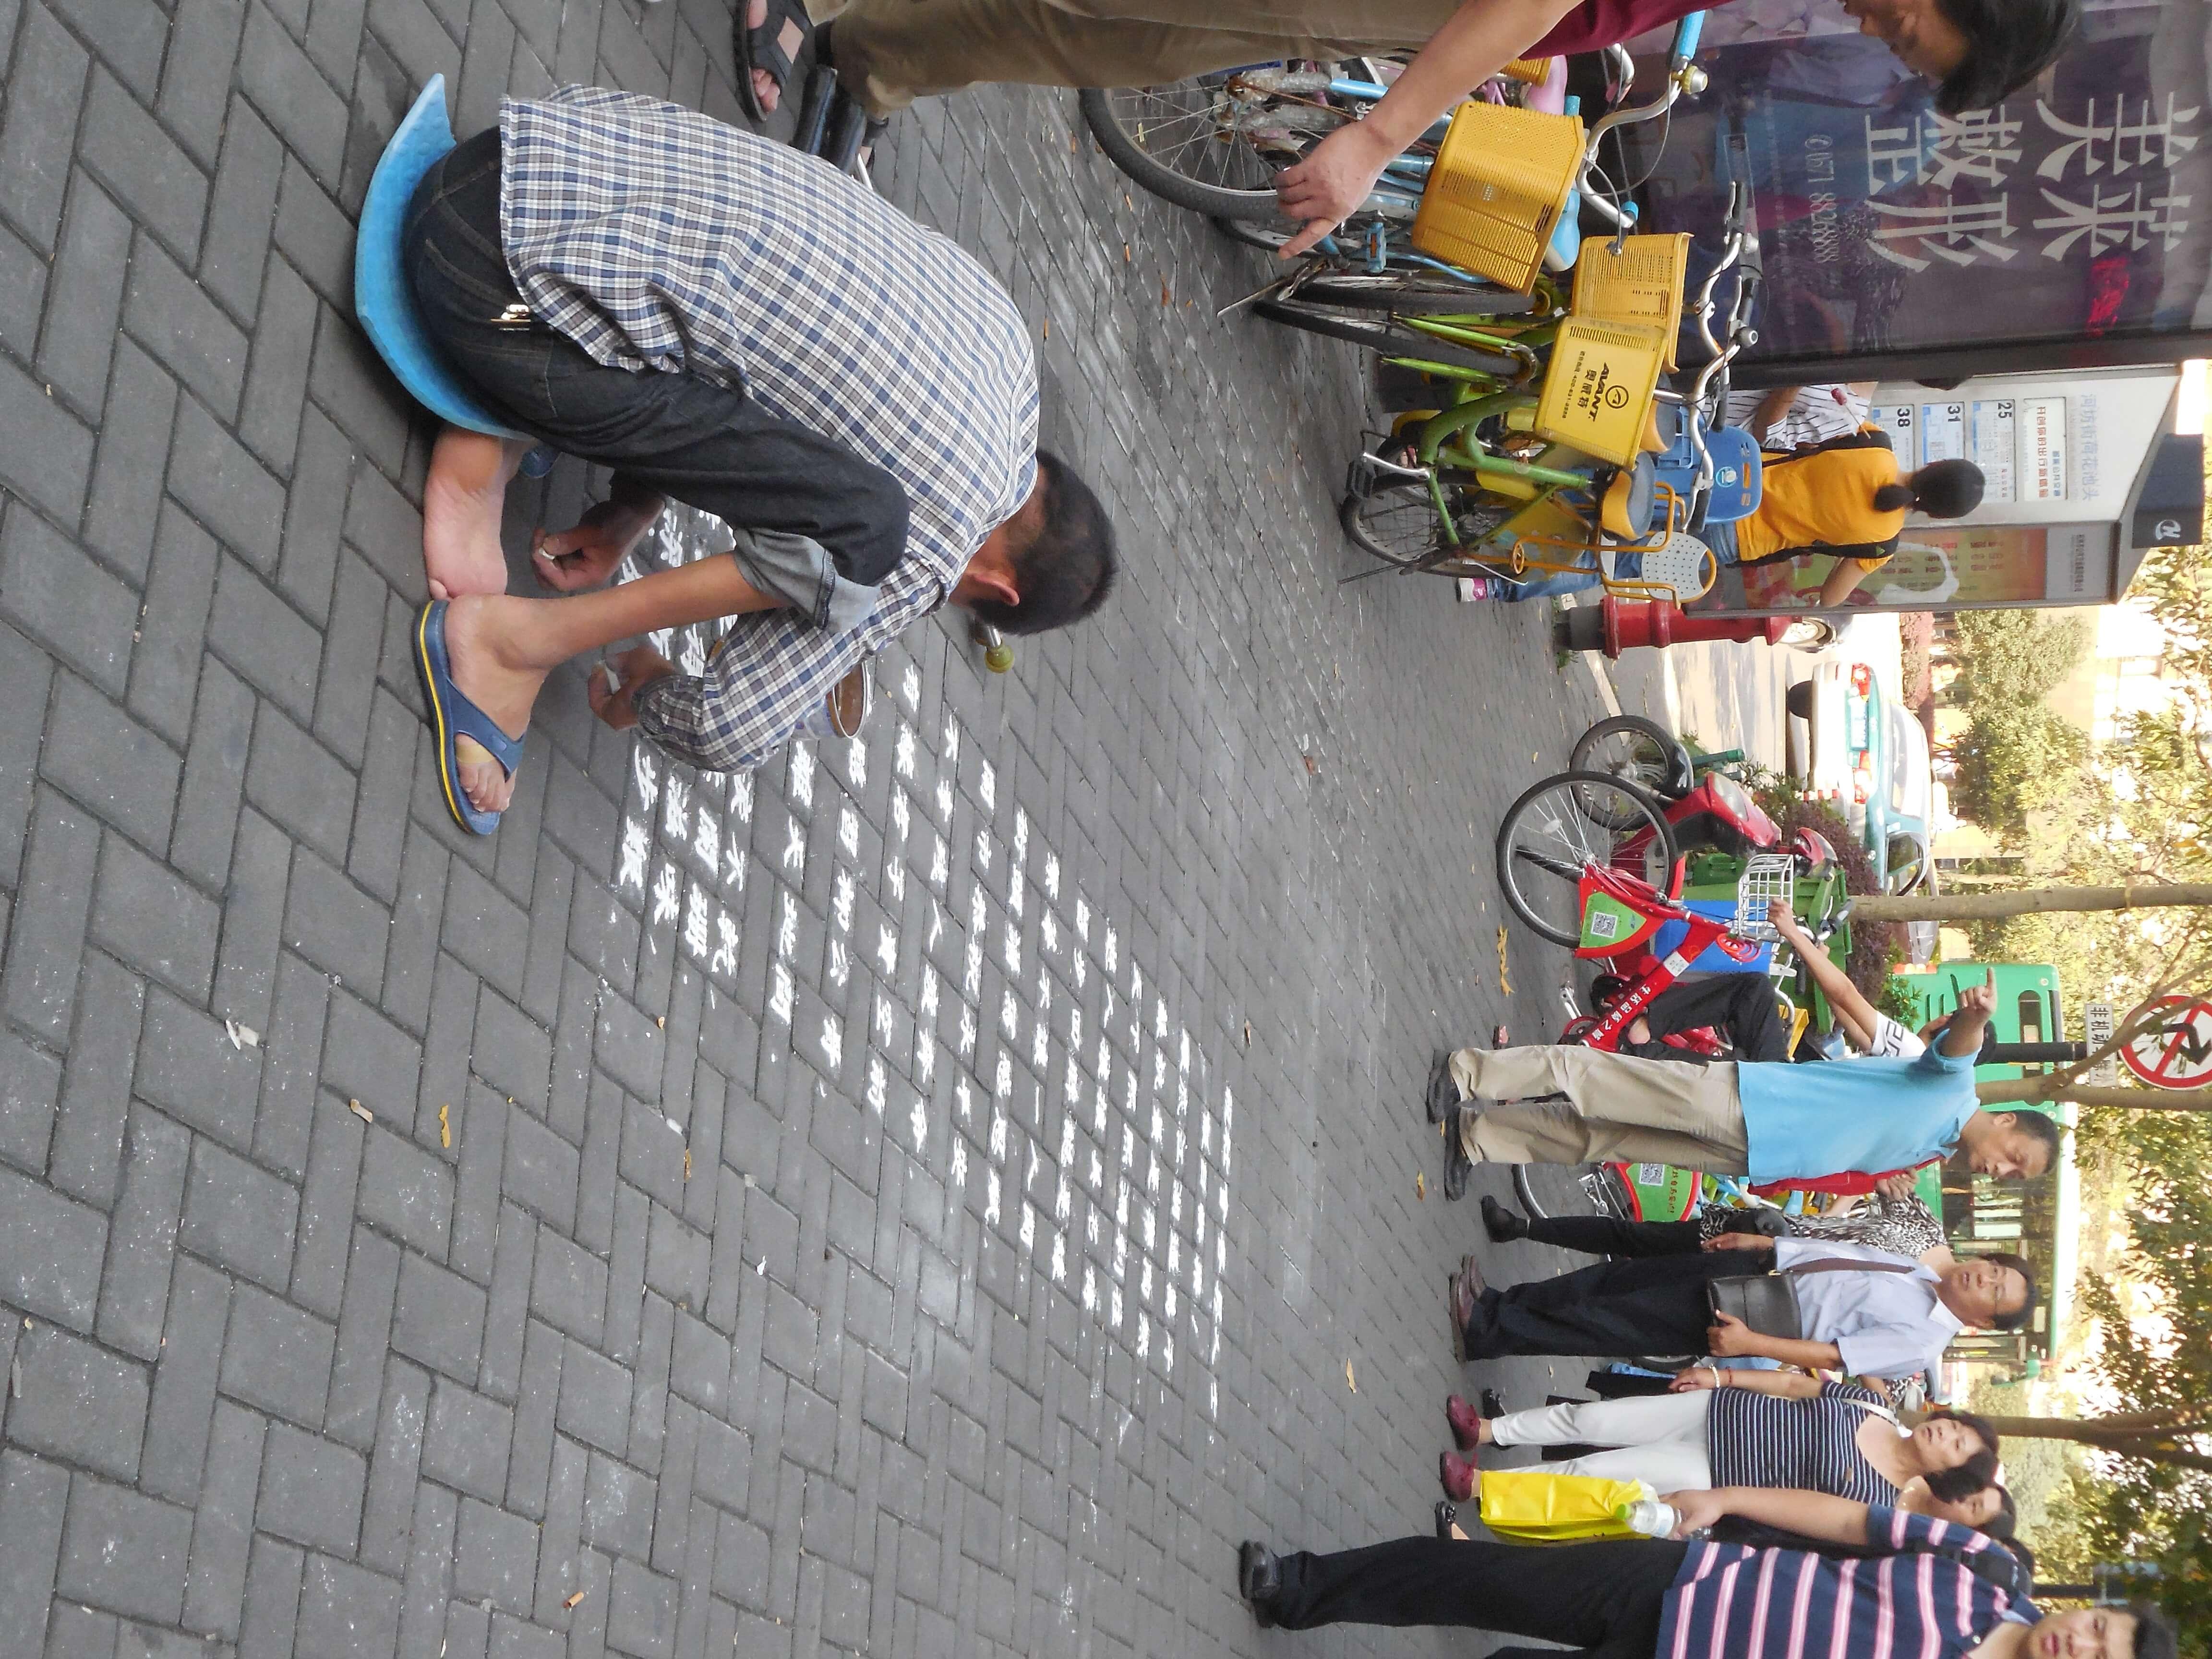 Ein typisch chinesisches Straßenbild